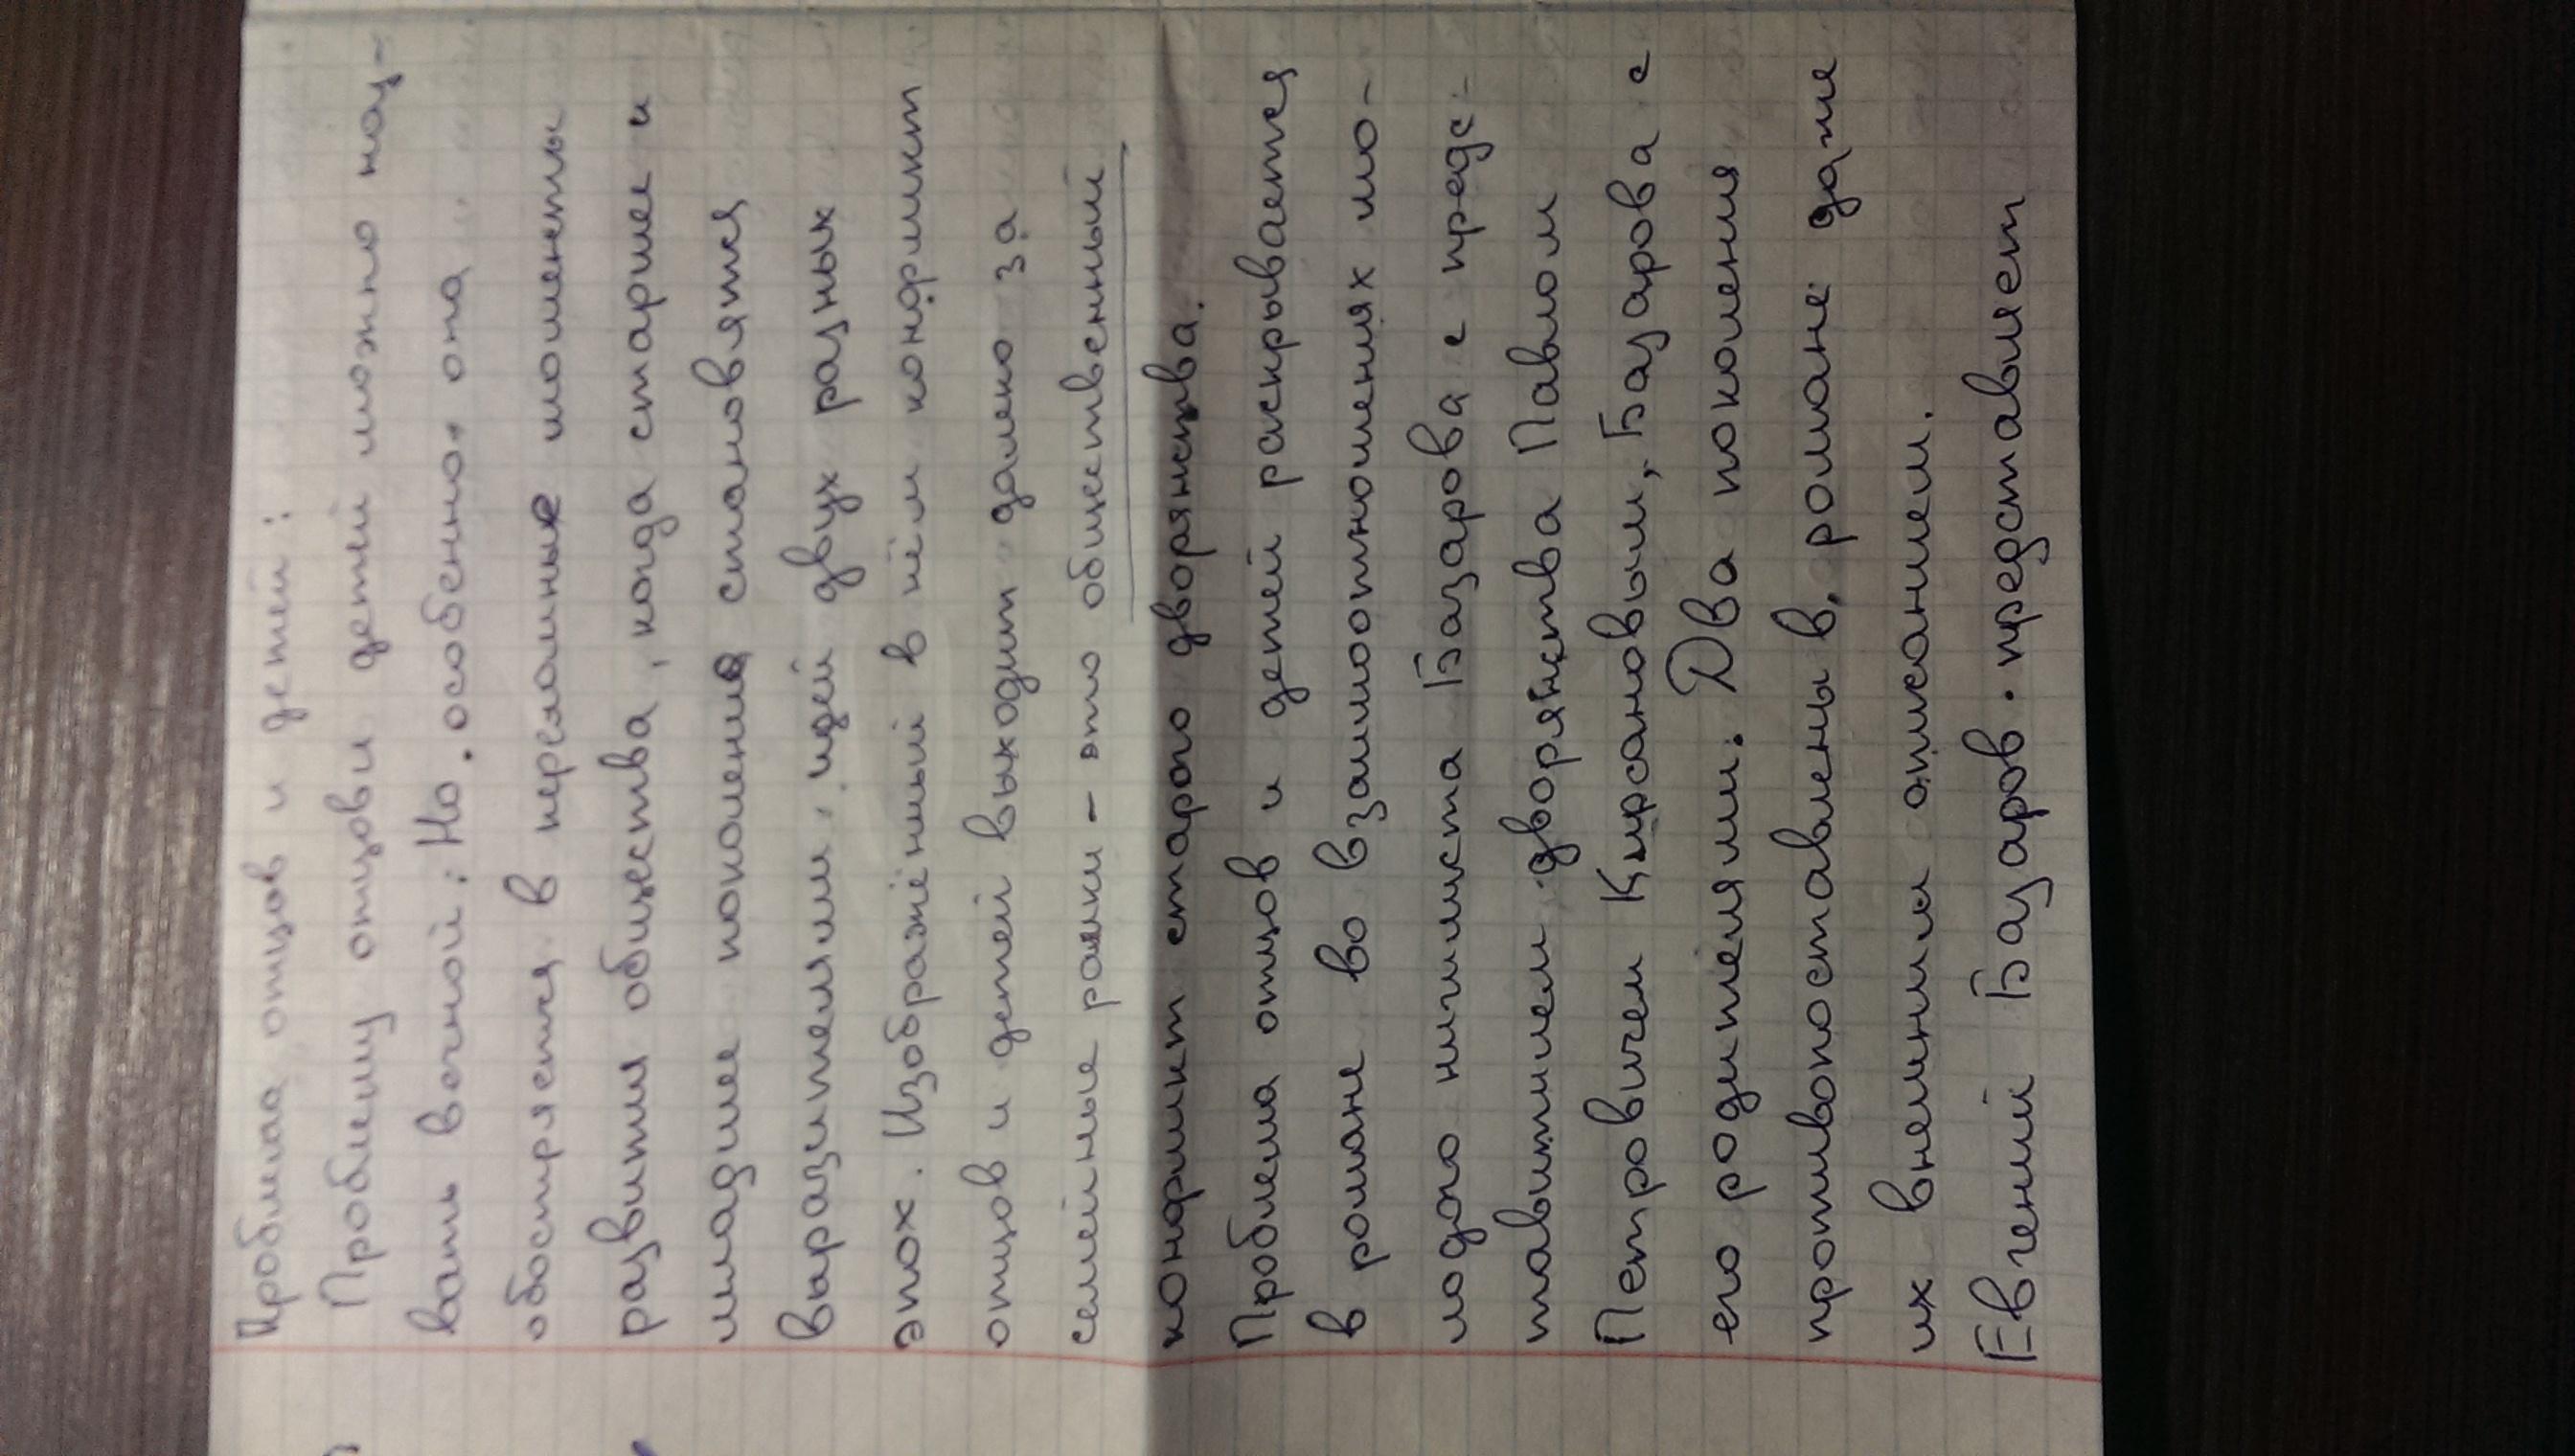 problema-ottsov-i-detey-v-izobrazhenii-turgeneva-sochinenie